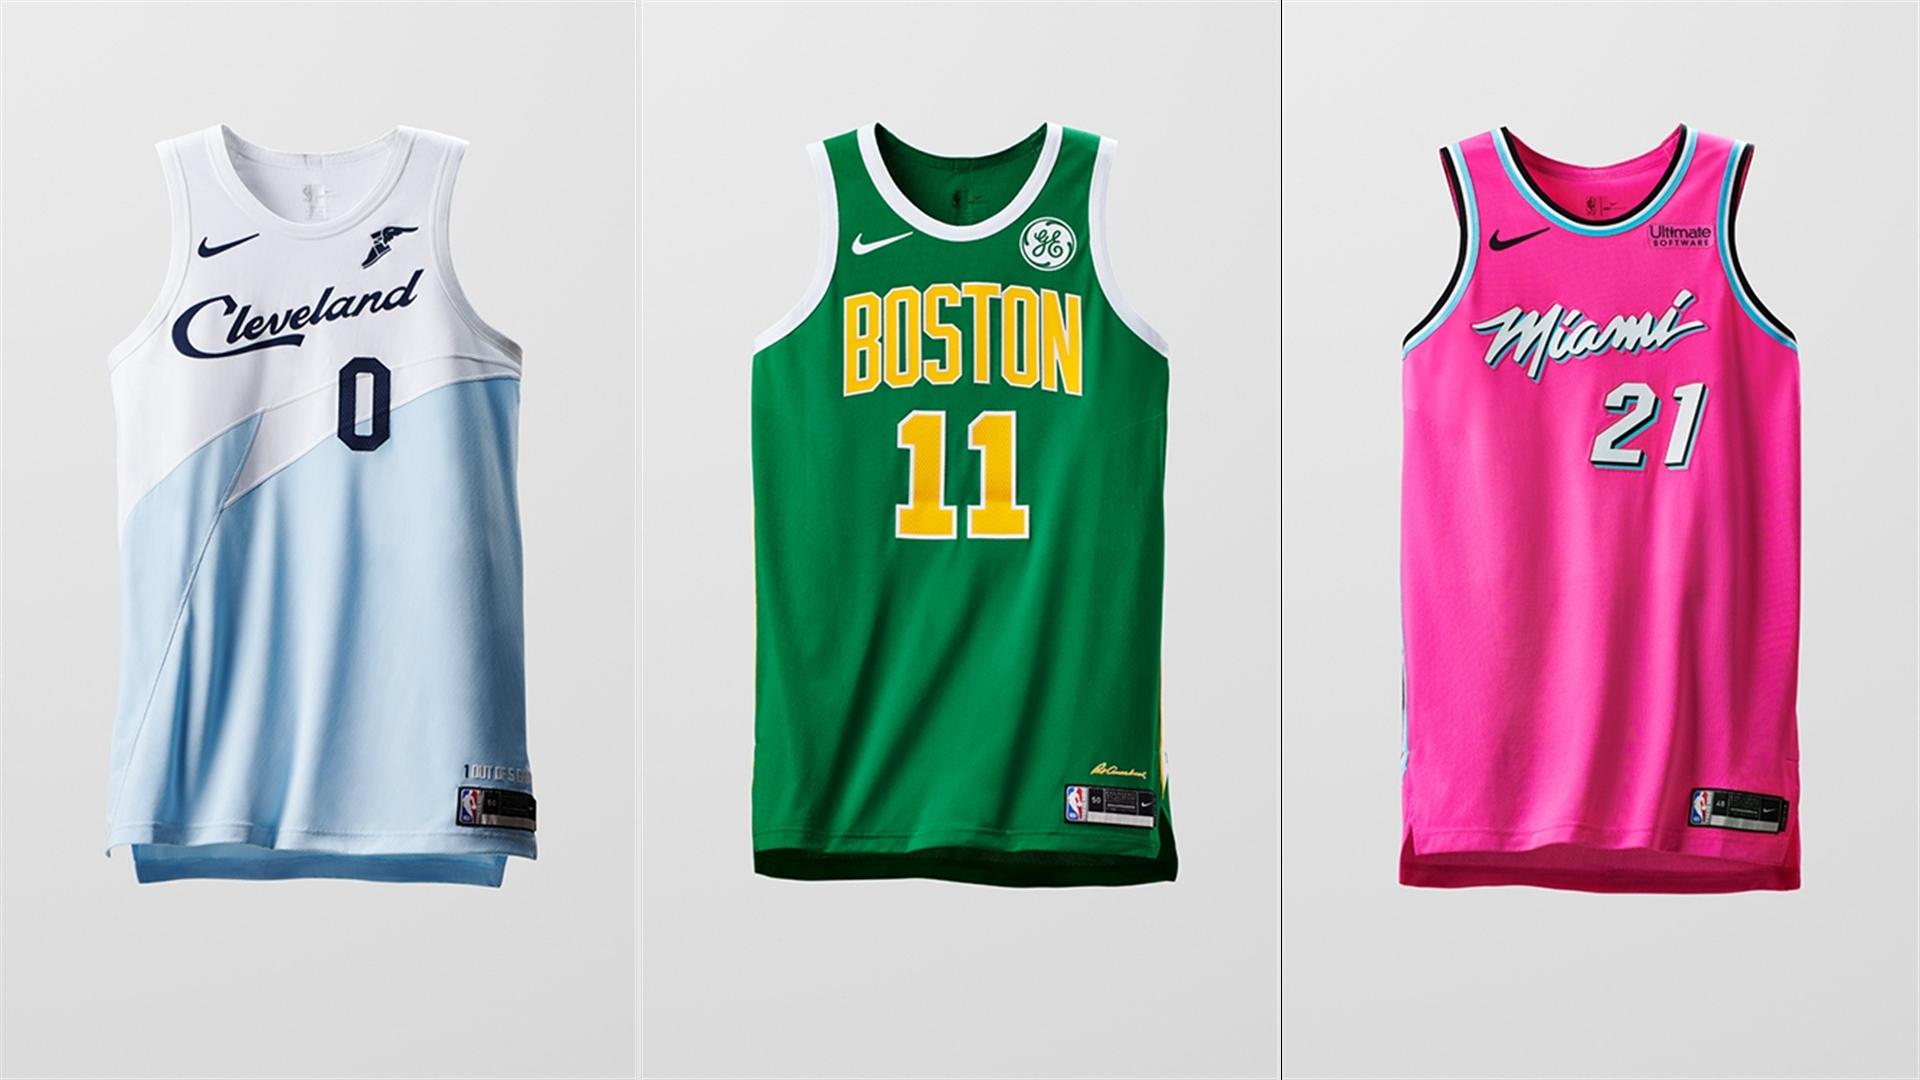 Estadísticas Desesperado Ropa  Las mejores 5 camisetas de las nueva colección de Nike